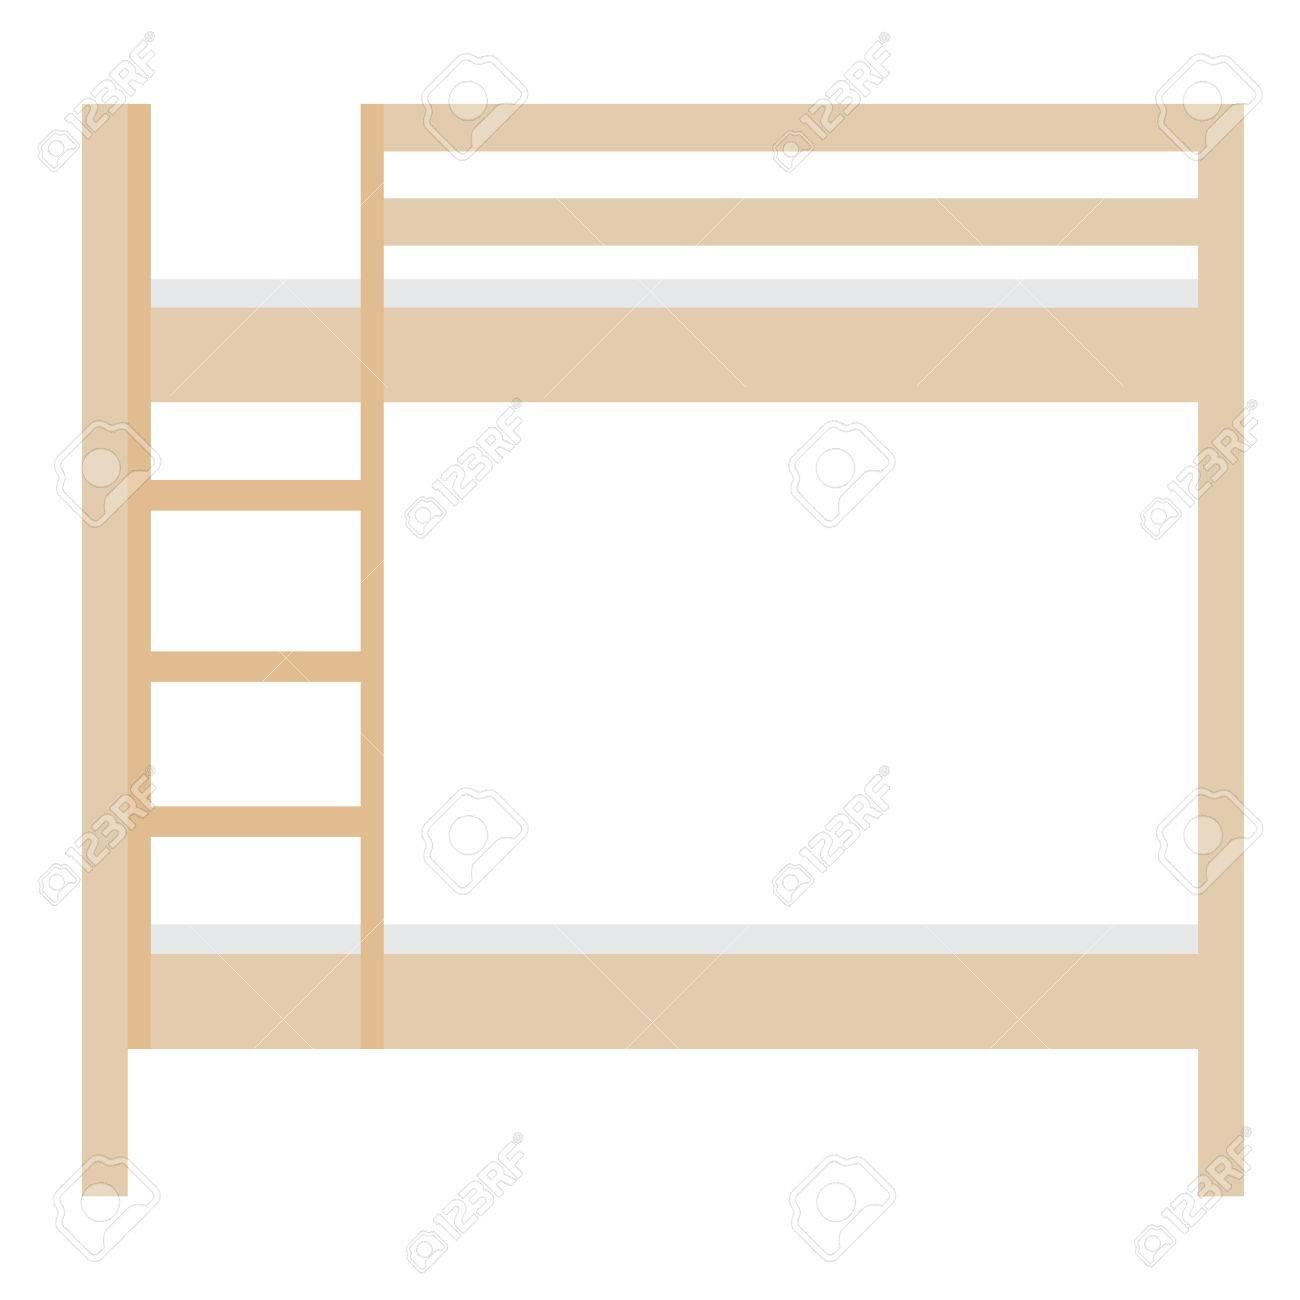 Cama Litera De Madera Ilustración De La Trama. Muebles De Dormitorio ...